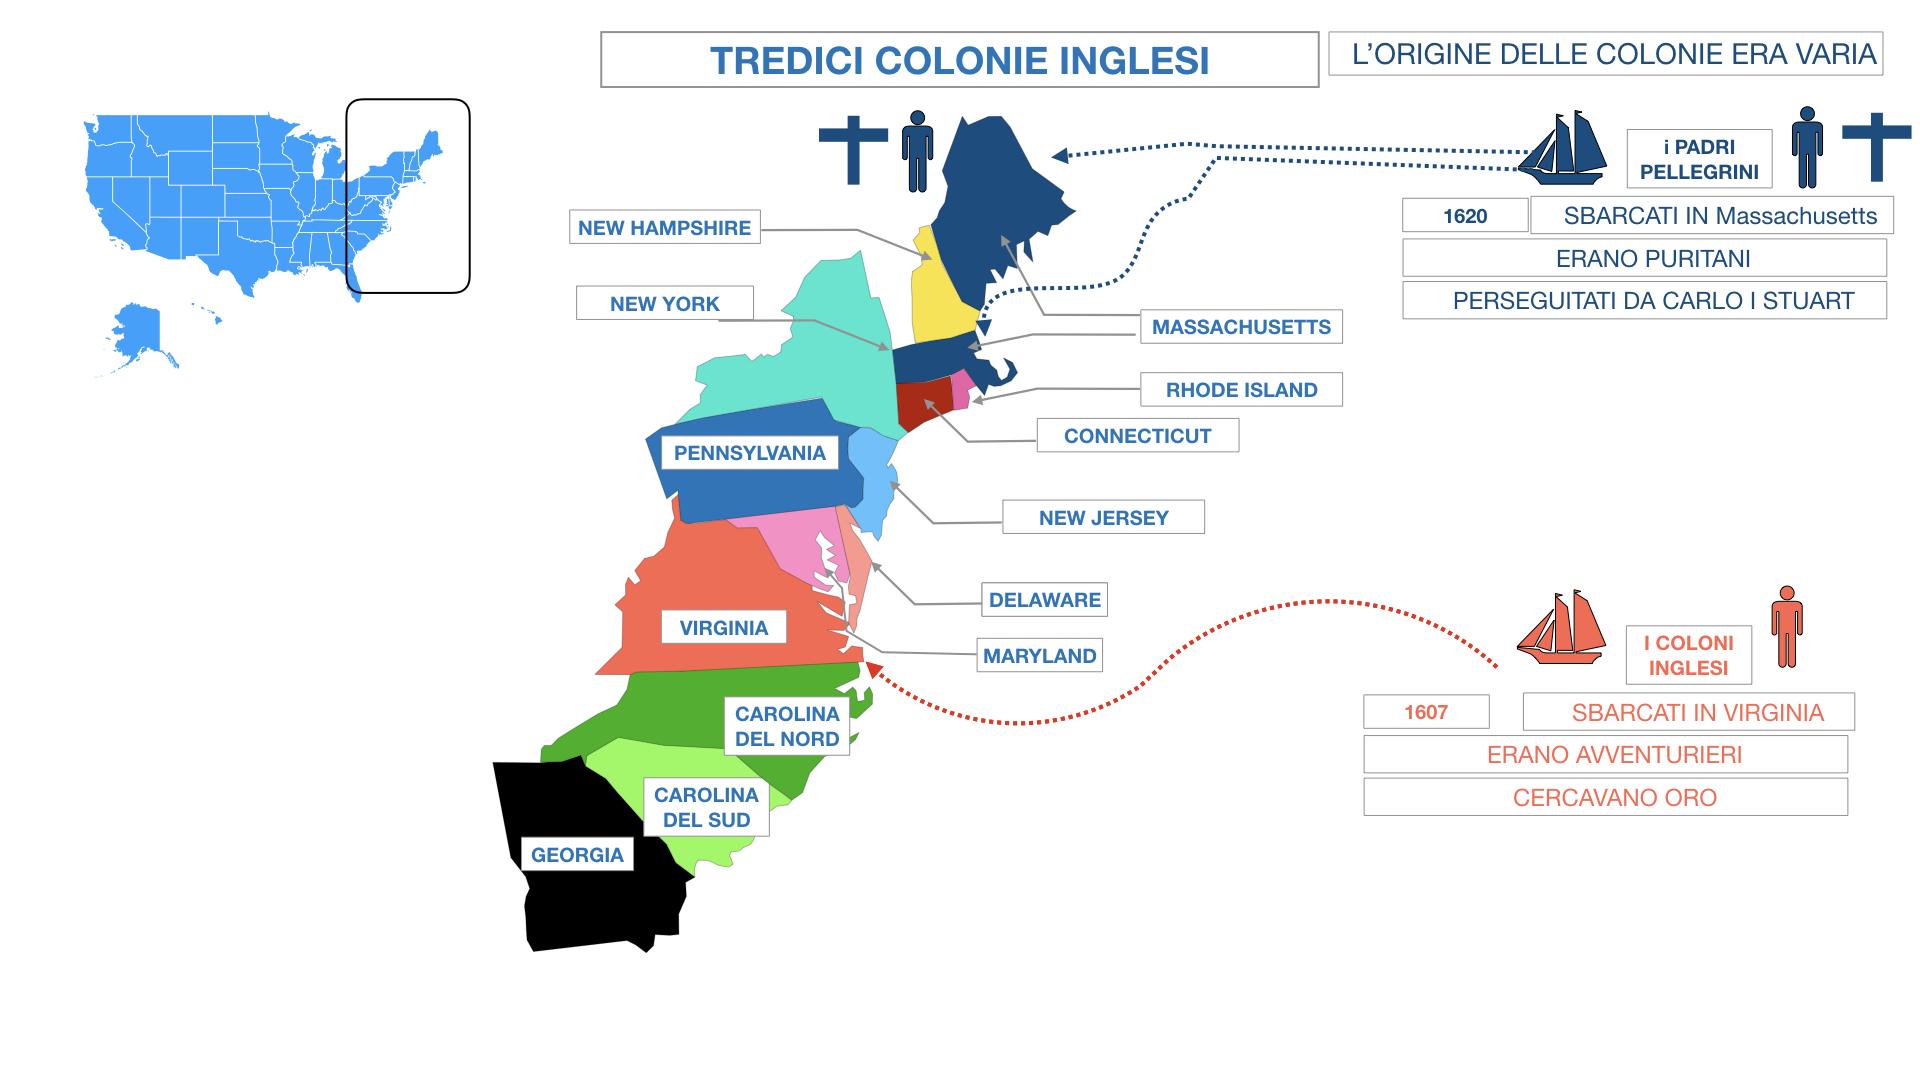 AMERICA LE TREDICI COLONIE INGLESI SIMULAZIONE.049